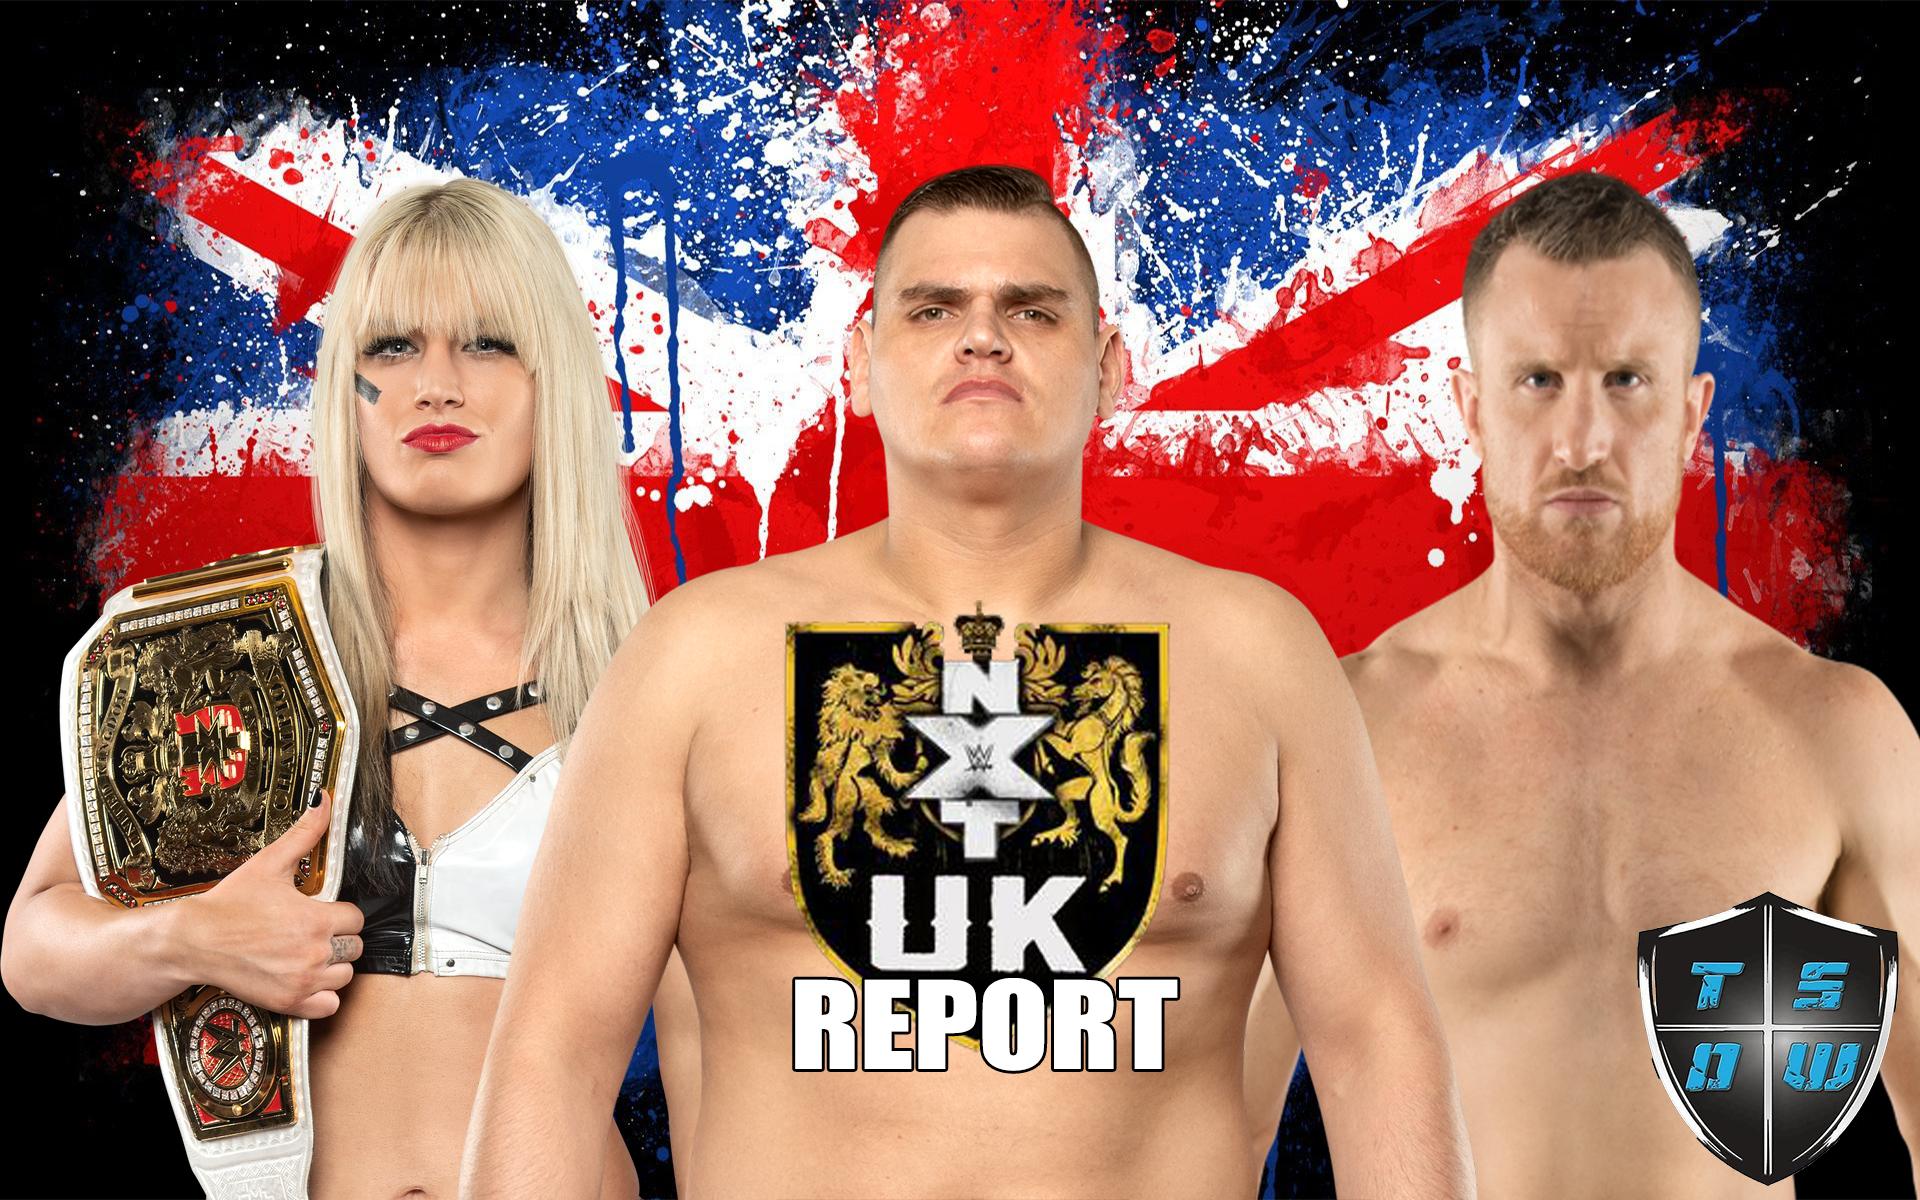 Report NXT UK